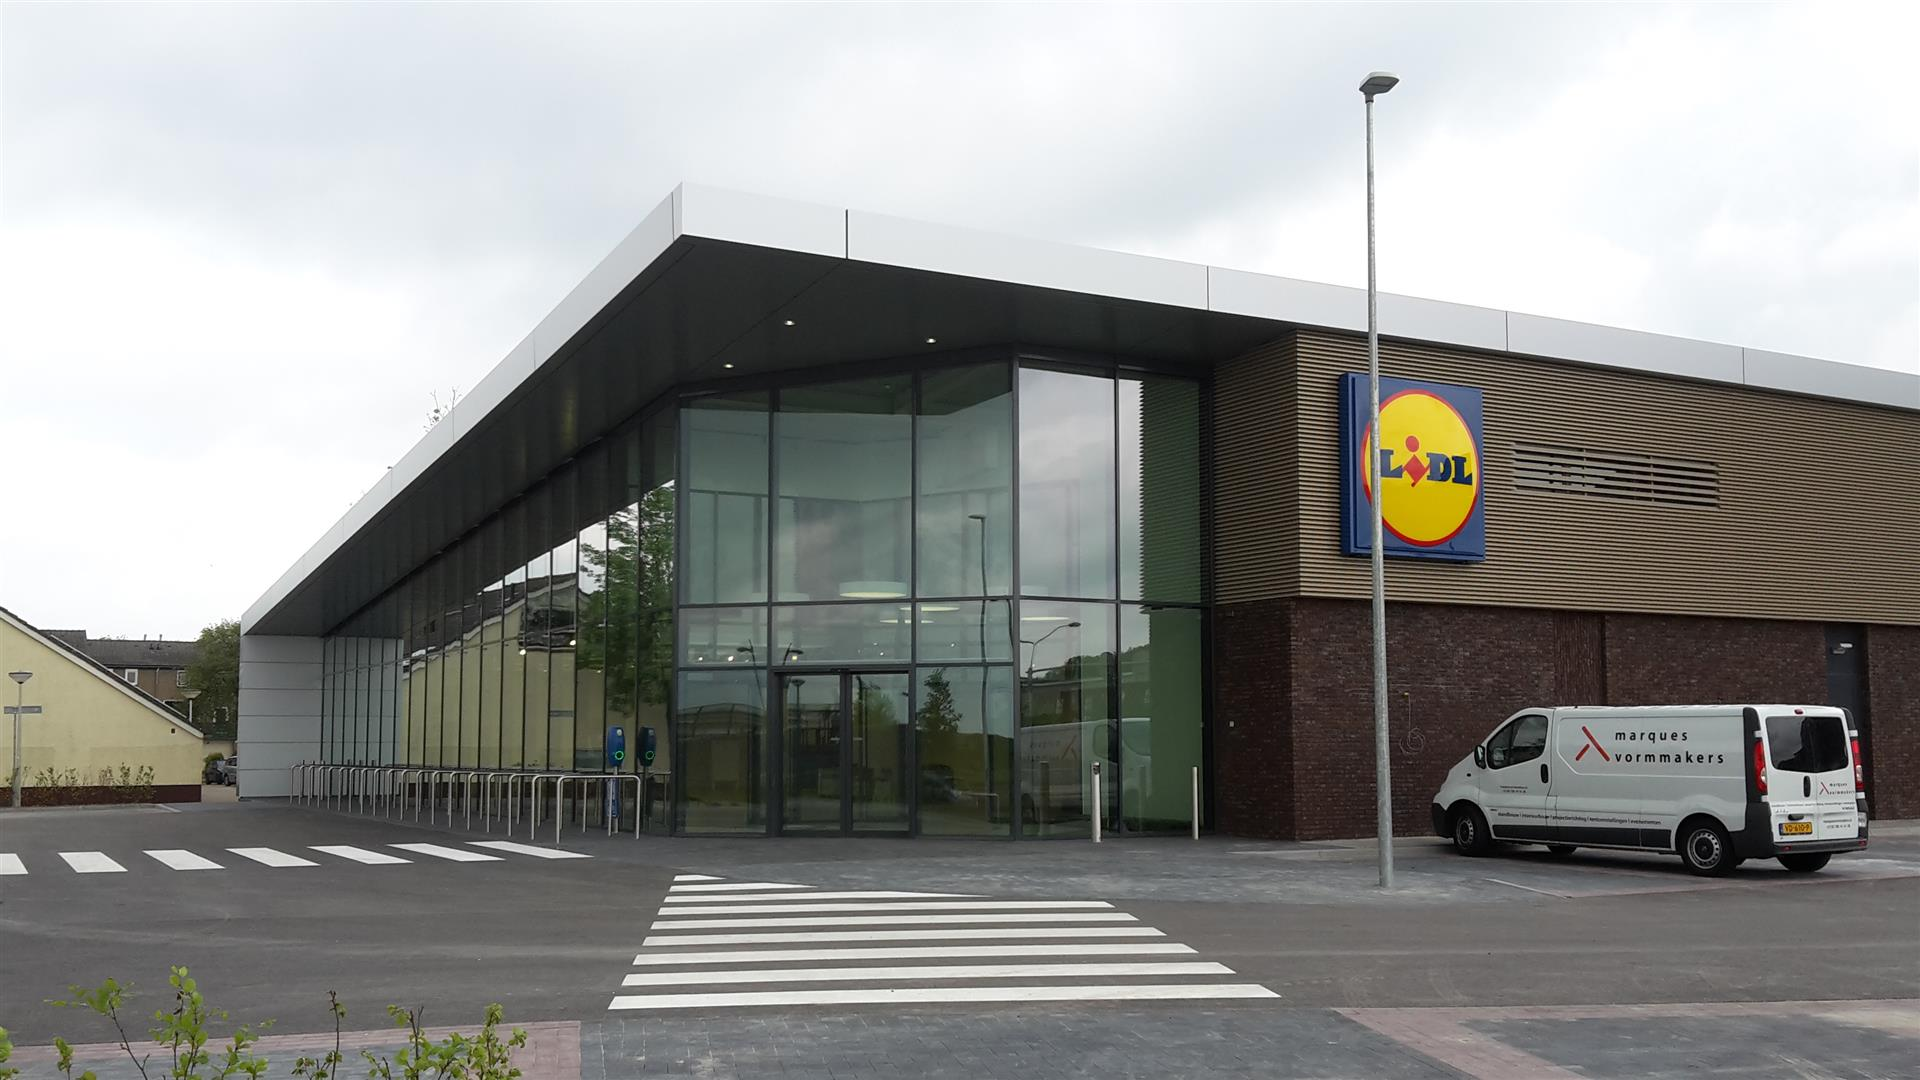 Openingstijden supermarkten hemelvaart Laan van Borgvliet lidl bergen op zoom